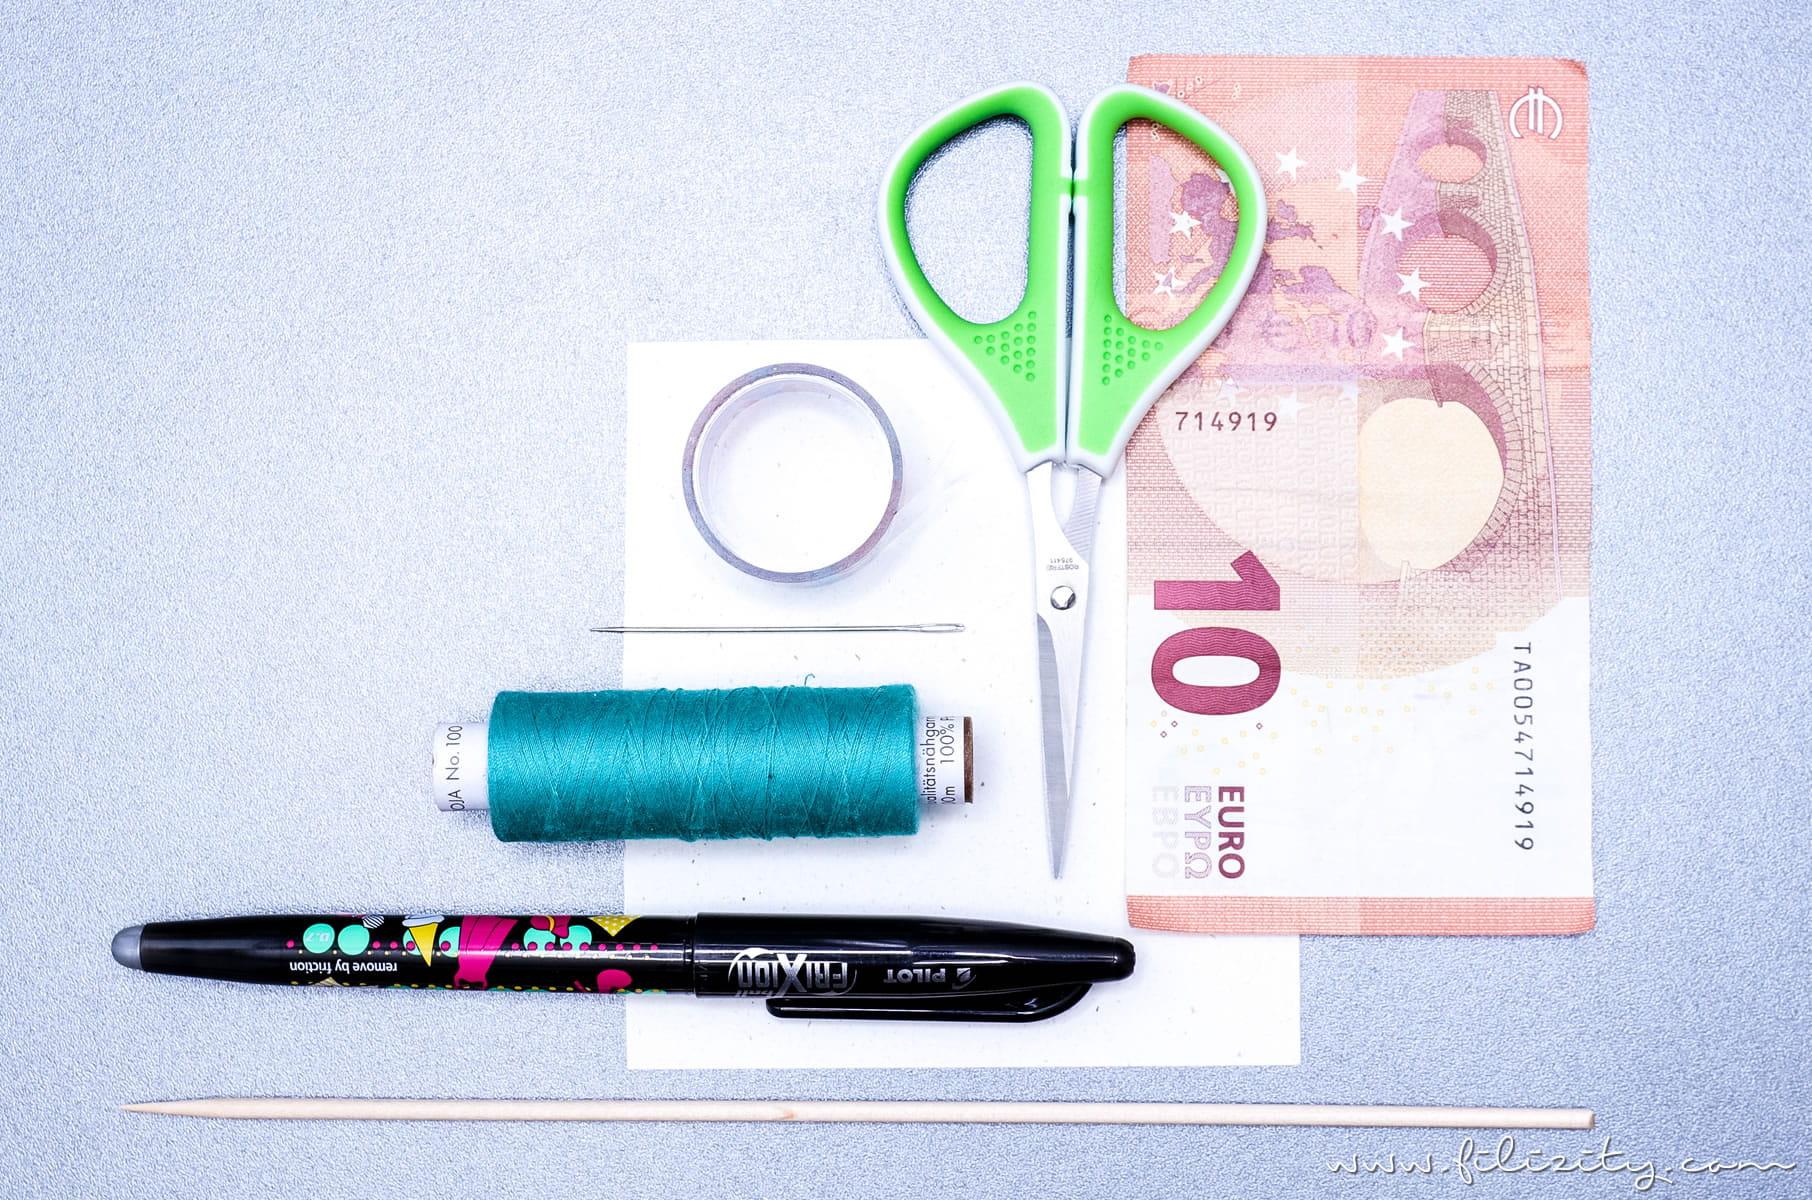 Kreative Geldgeschenke Origami Lamas Aus Geldscheinen Falten